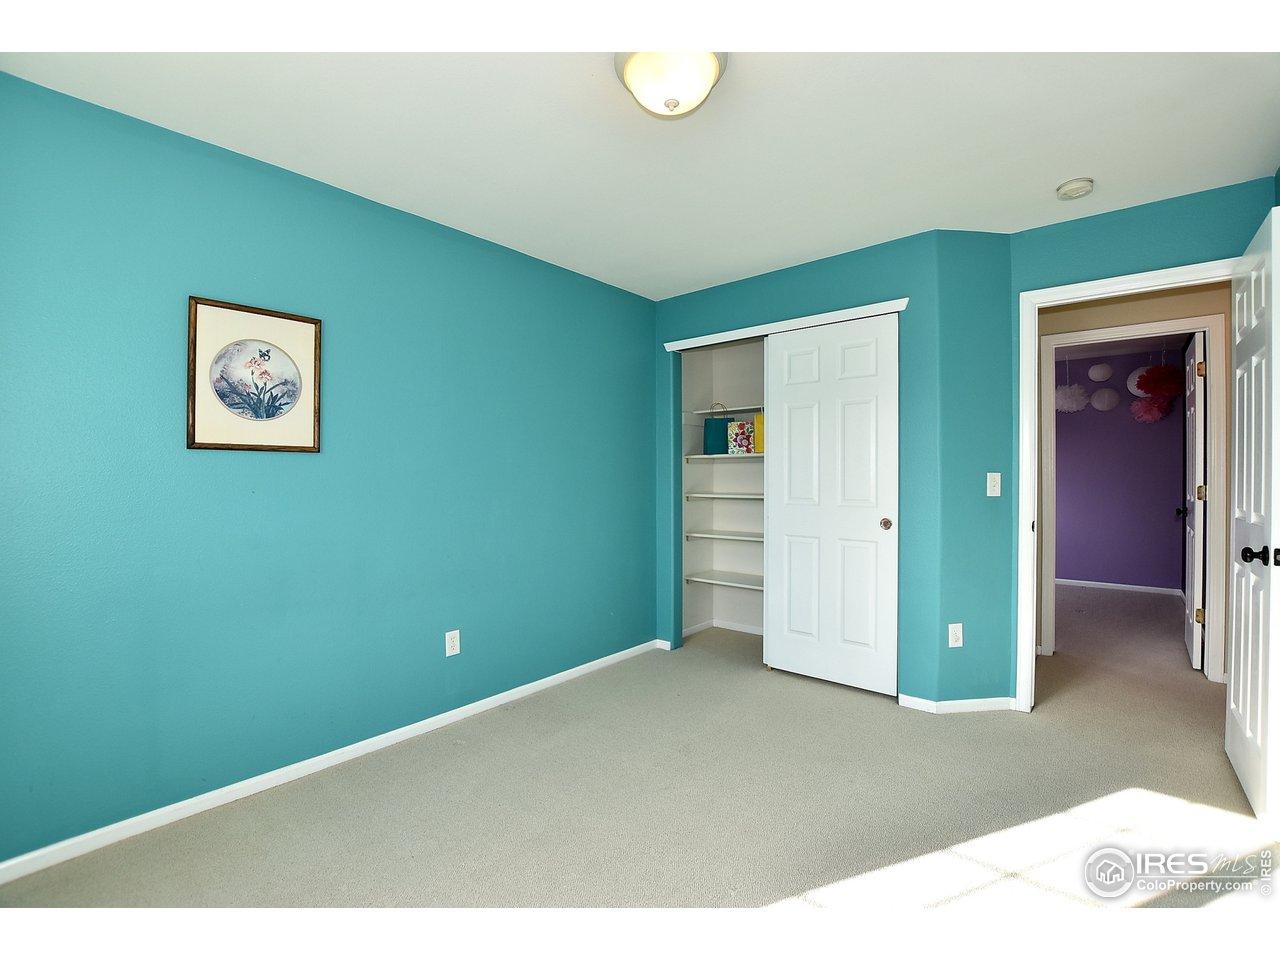 Bedroom 4 W/ Closet Shelving